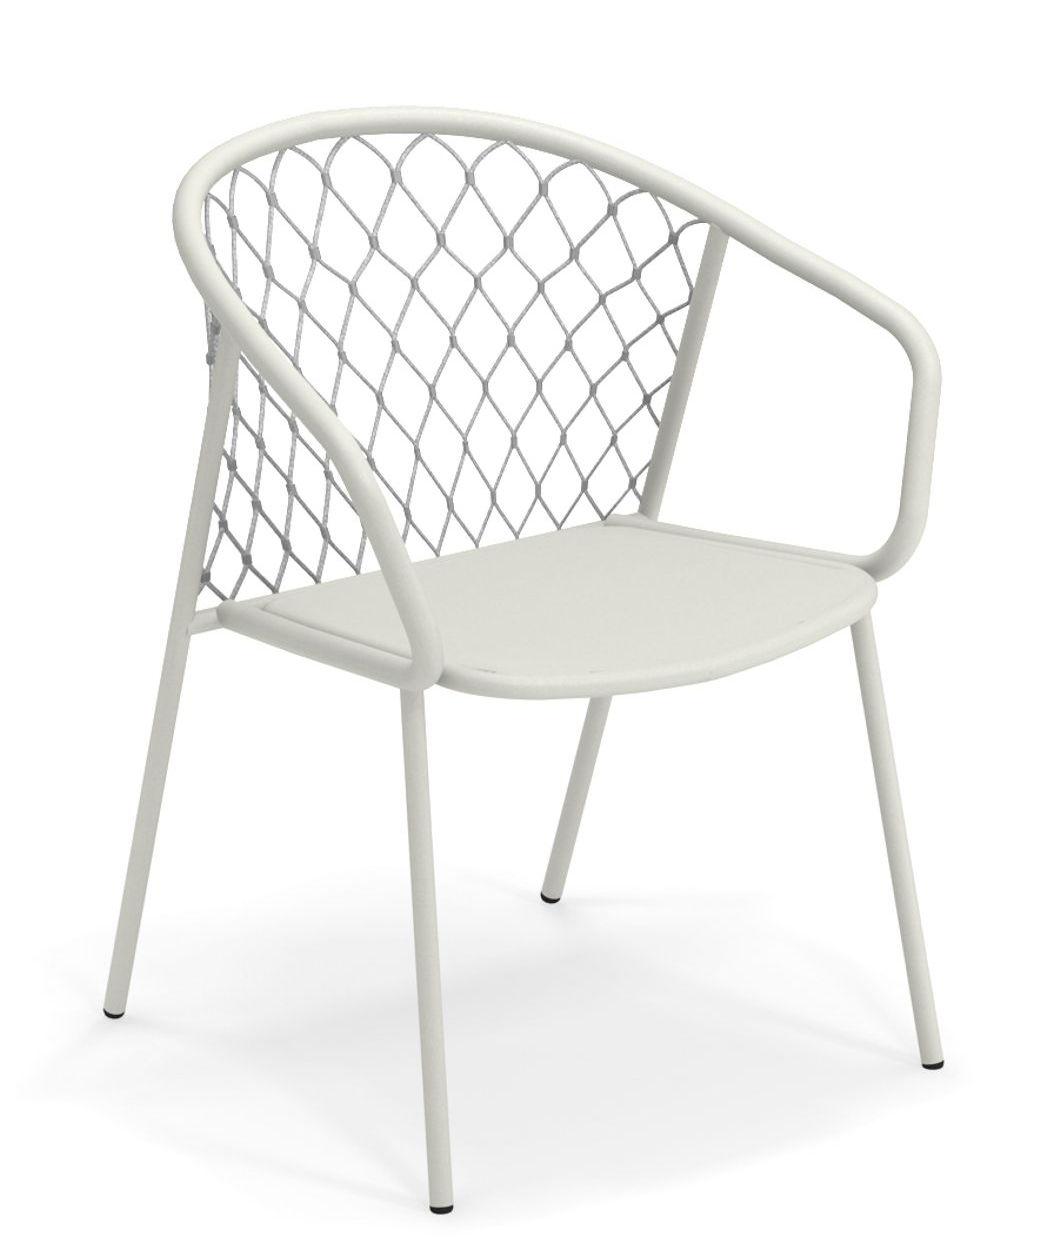 Möbel - Stühle  - Nef Sessel / Métal und Polyester - Emu - Sessel / Weiß und graue Rückenlehne - klarlackbeschichtetes Aluminium, Kunststoffseile